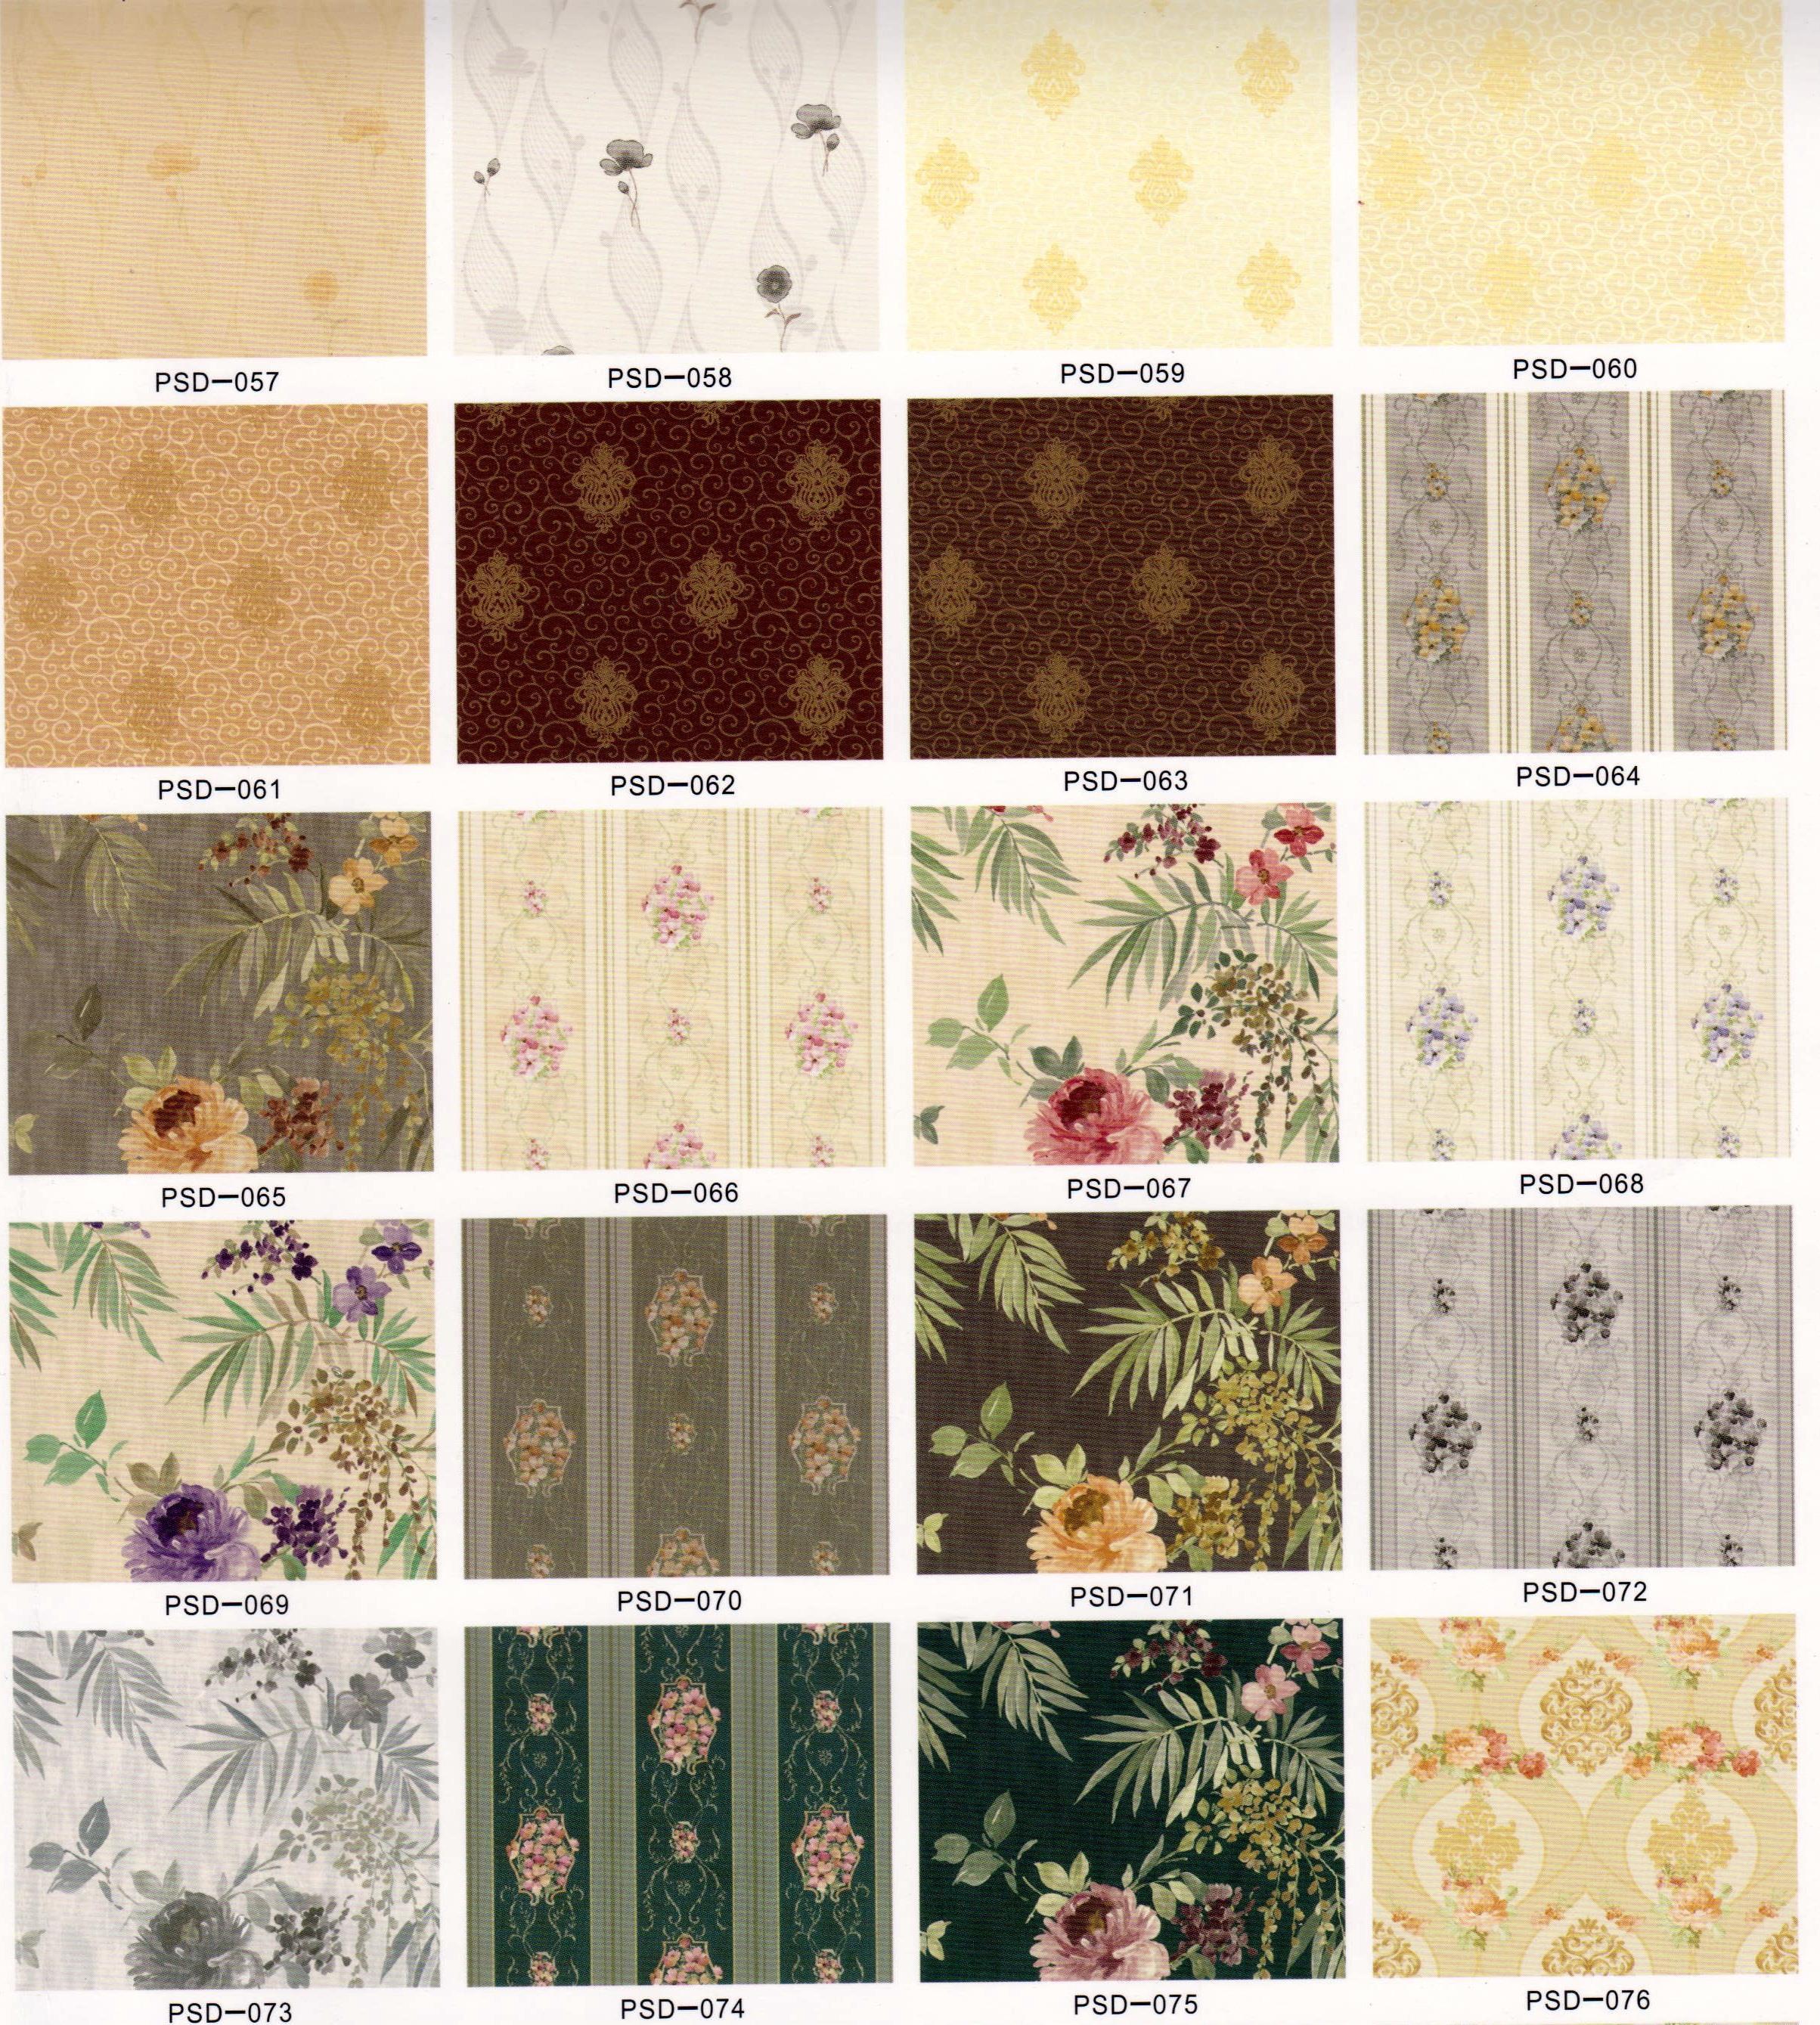 Jual Wallpaper Dinding Pasadena Berbagai Pilihan Motif